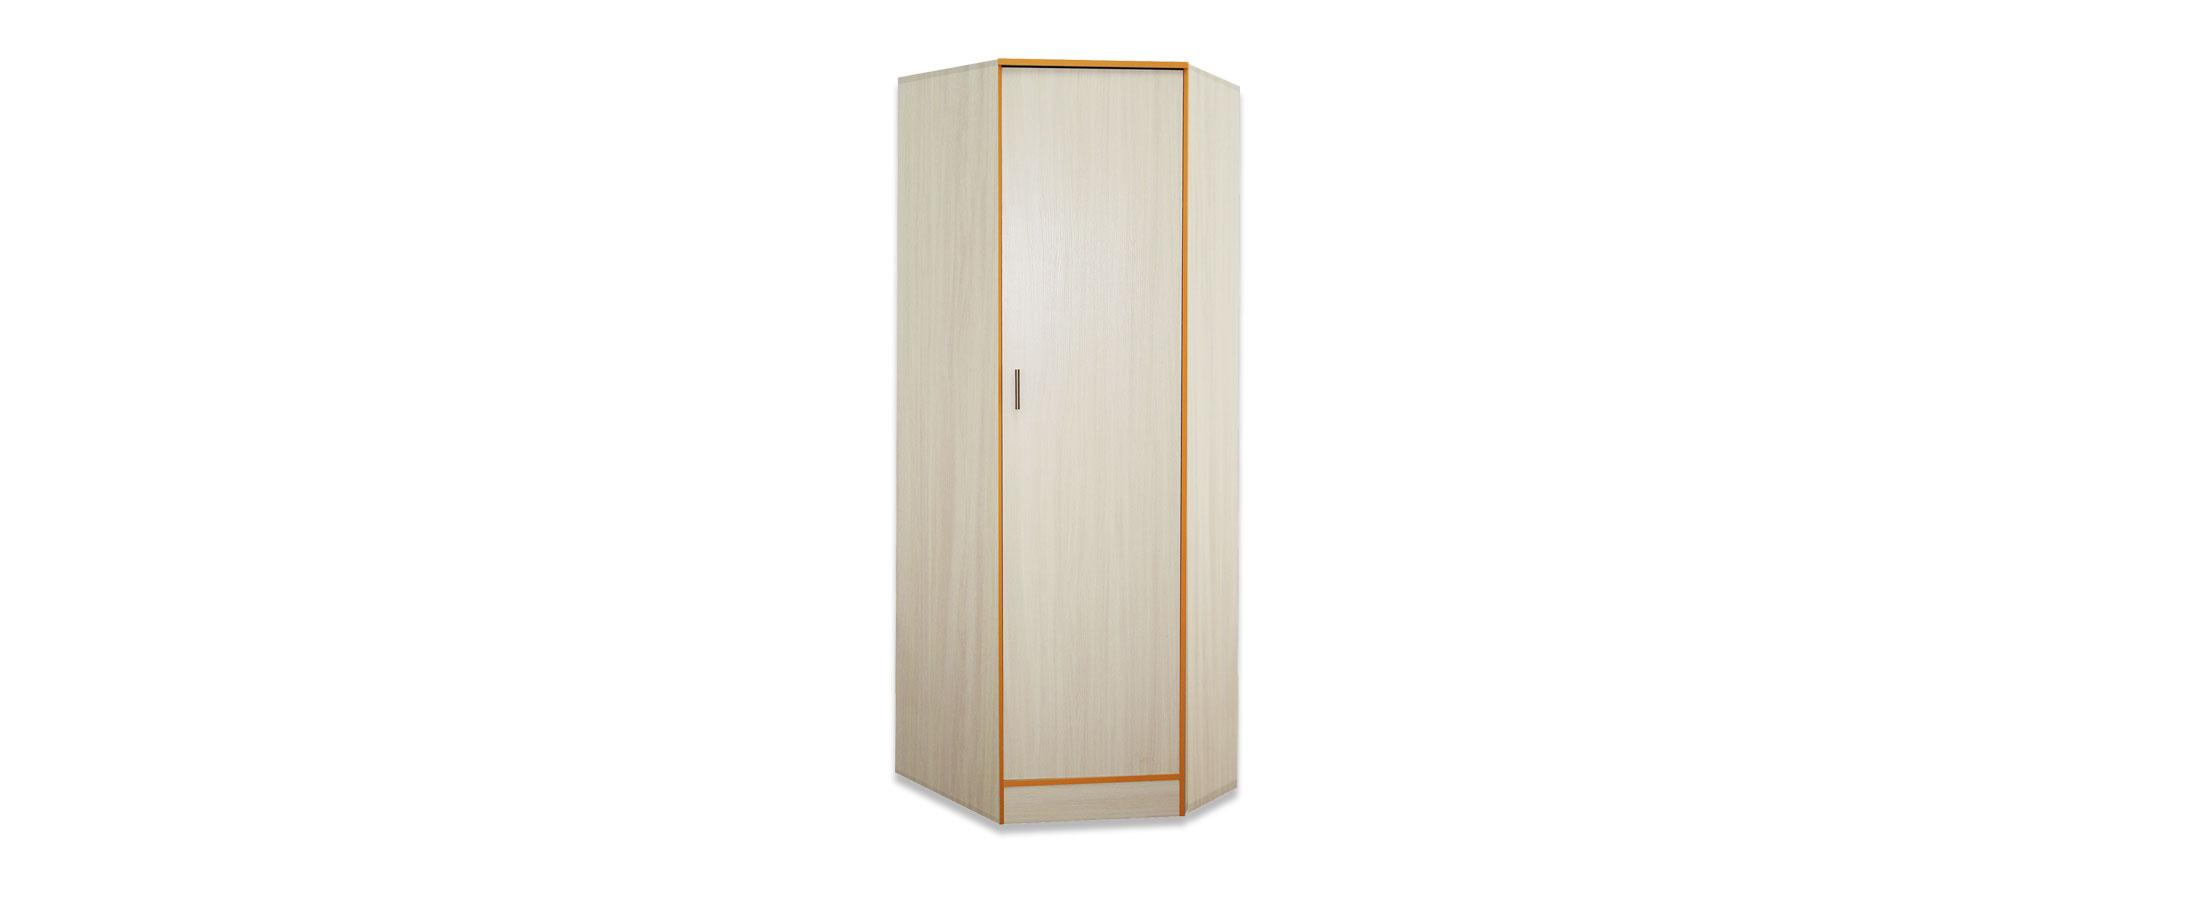 Шкаф угловой Скейт-3 Модель 509